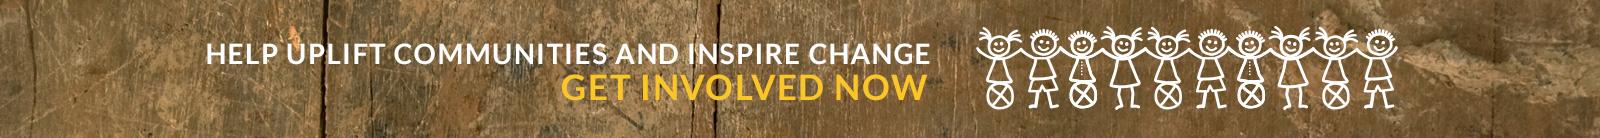 Get Involved - Uhambo Foundation